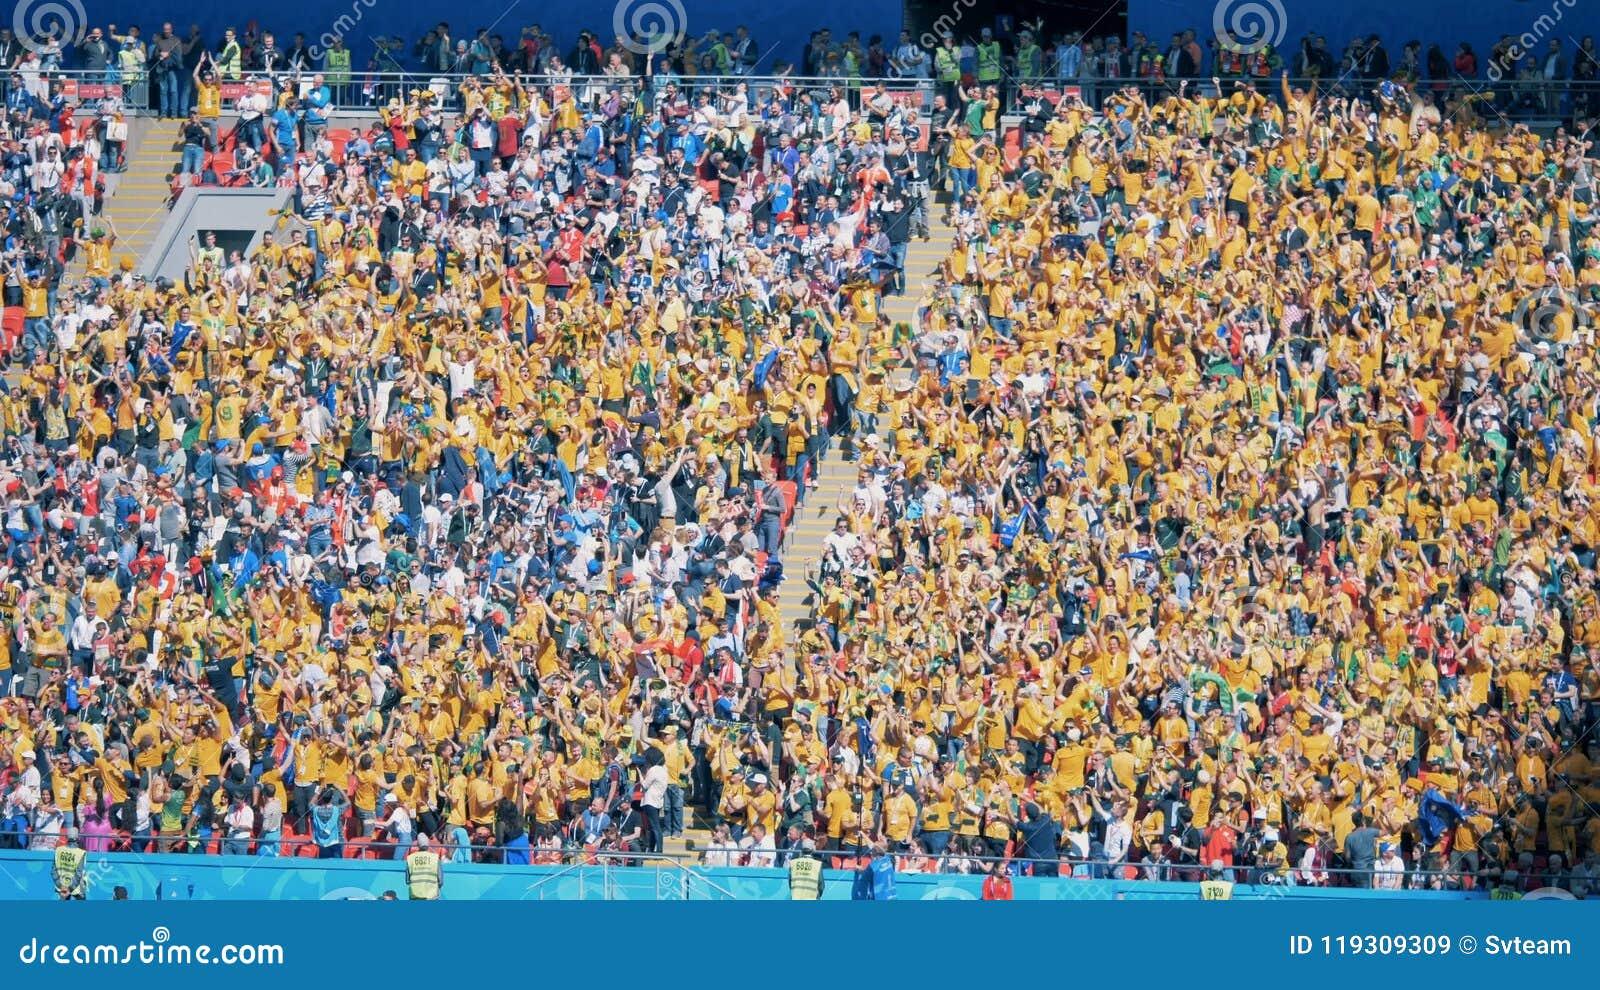 Kazan, RUSSIA - JUN 16, 2018: Many australian fans on a grandstand. on